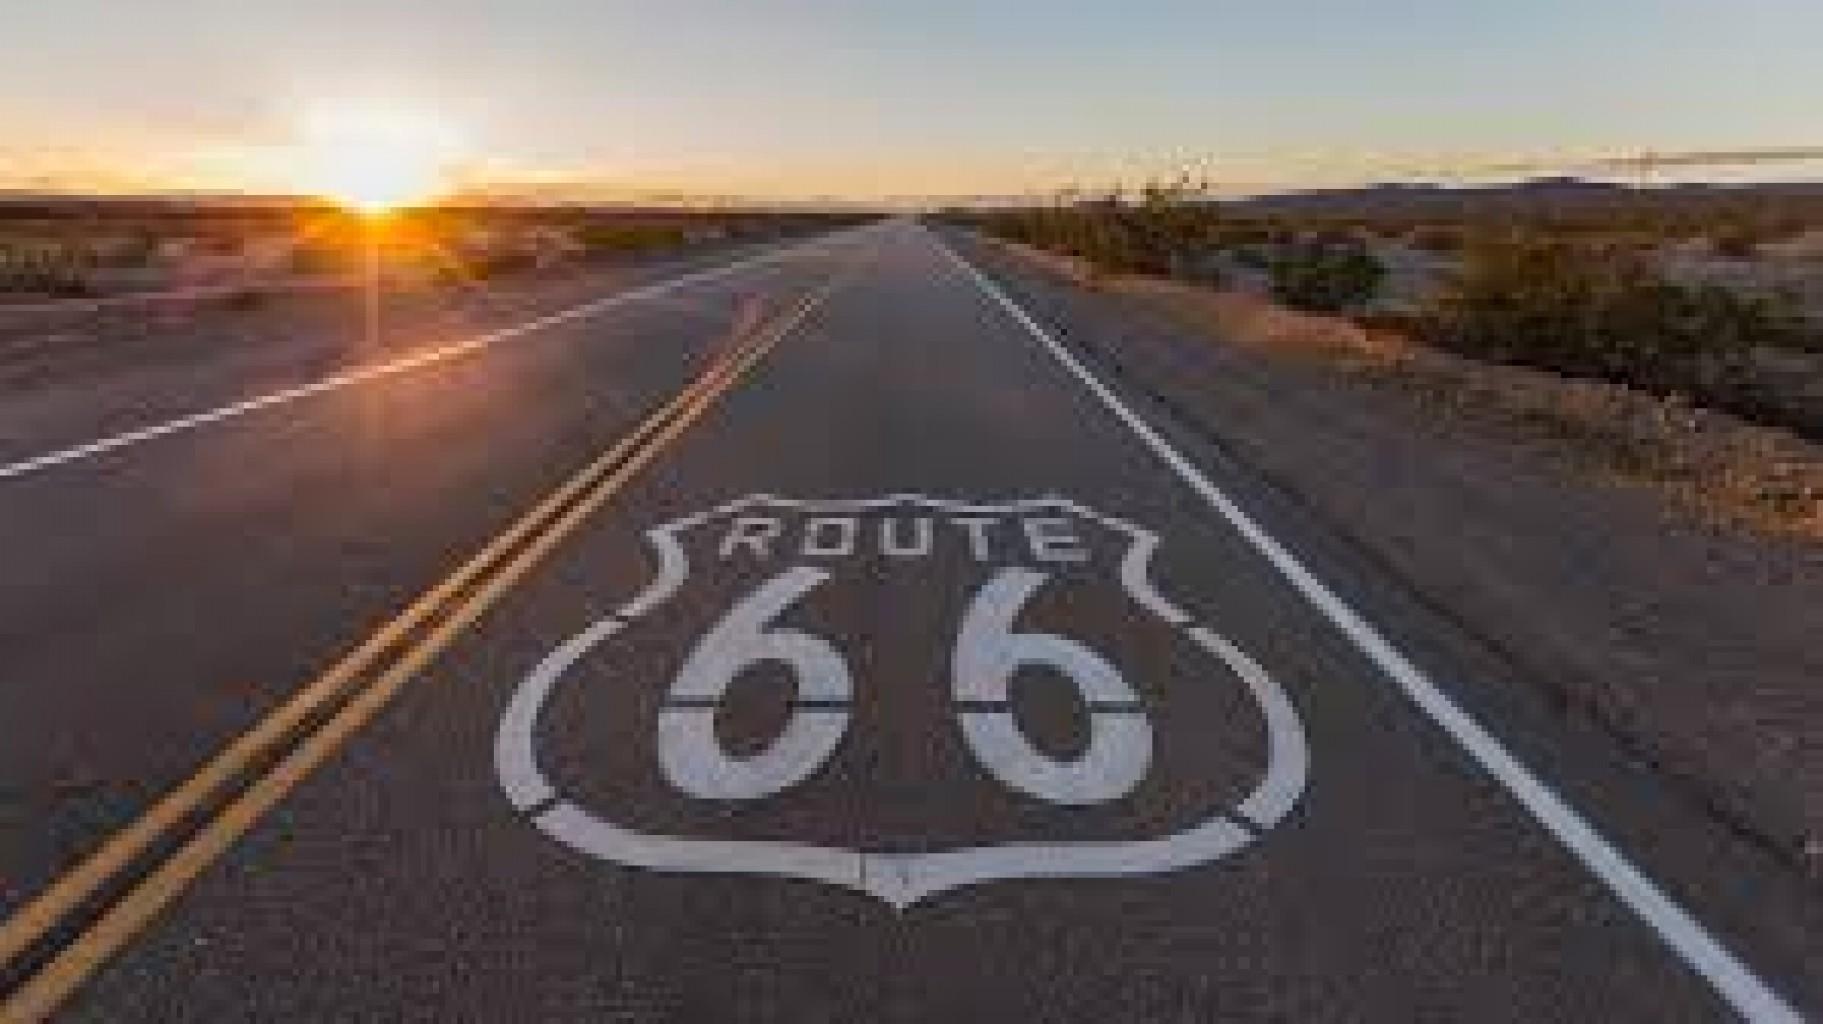 Presentan Legislación para renombrar Route 66